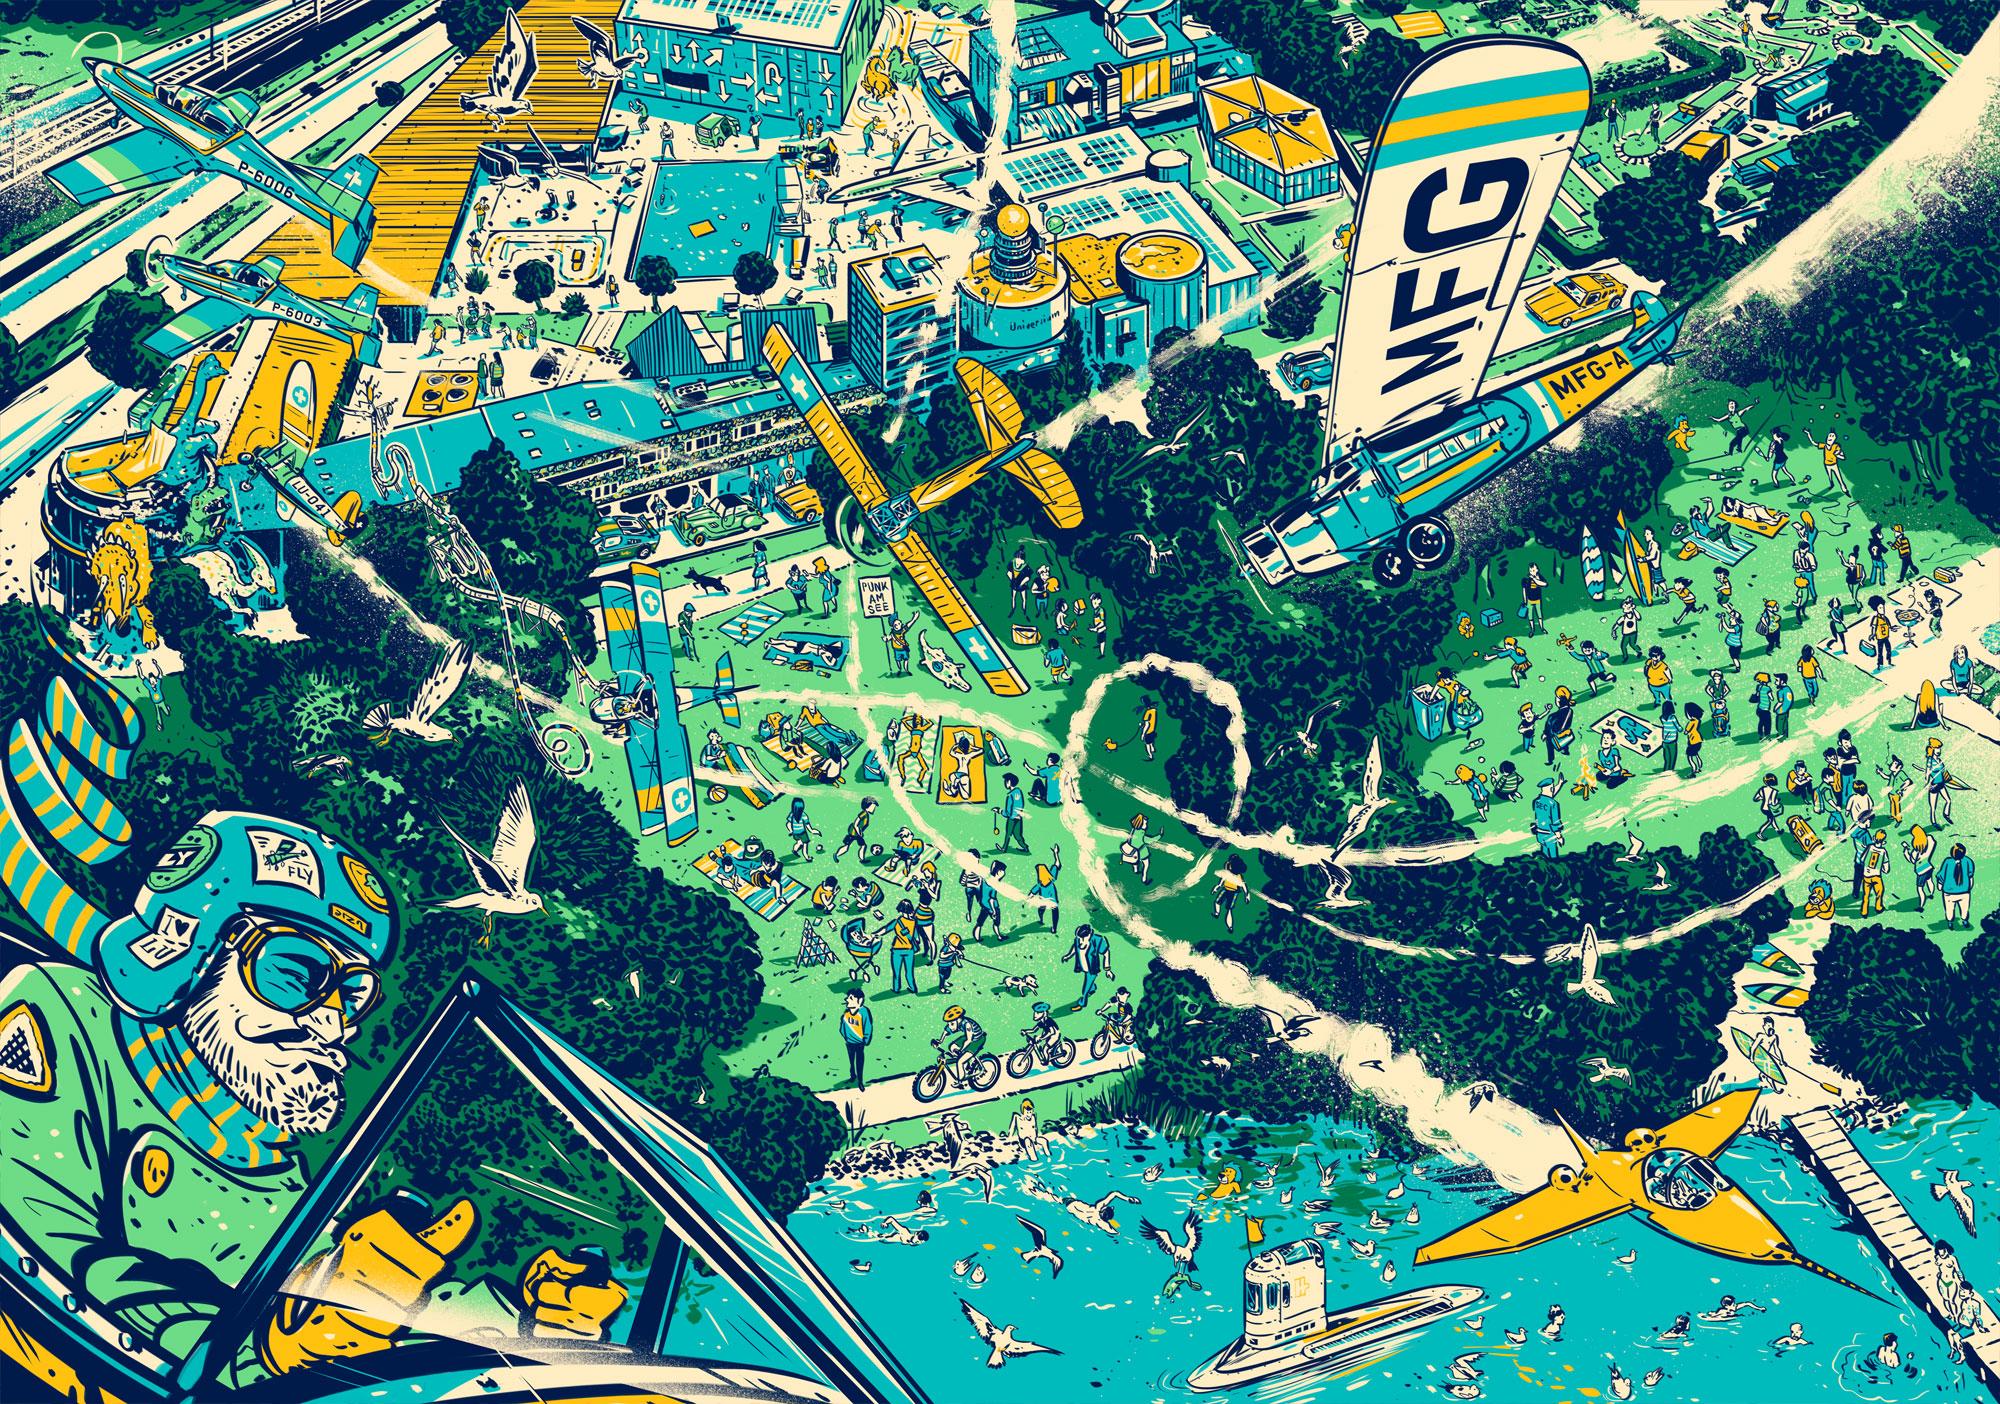 Bild aus dem Buch: Blick auf die Lidowiese und das Verkehrshaus – und wo ist der Löwe? (Bild: zvg/Amadeus Waltenspühl)